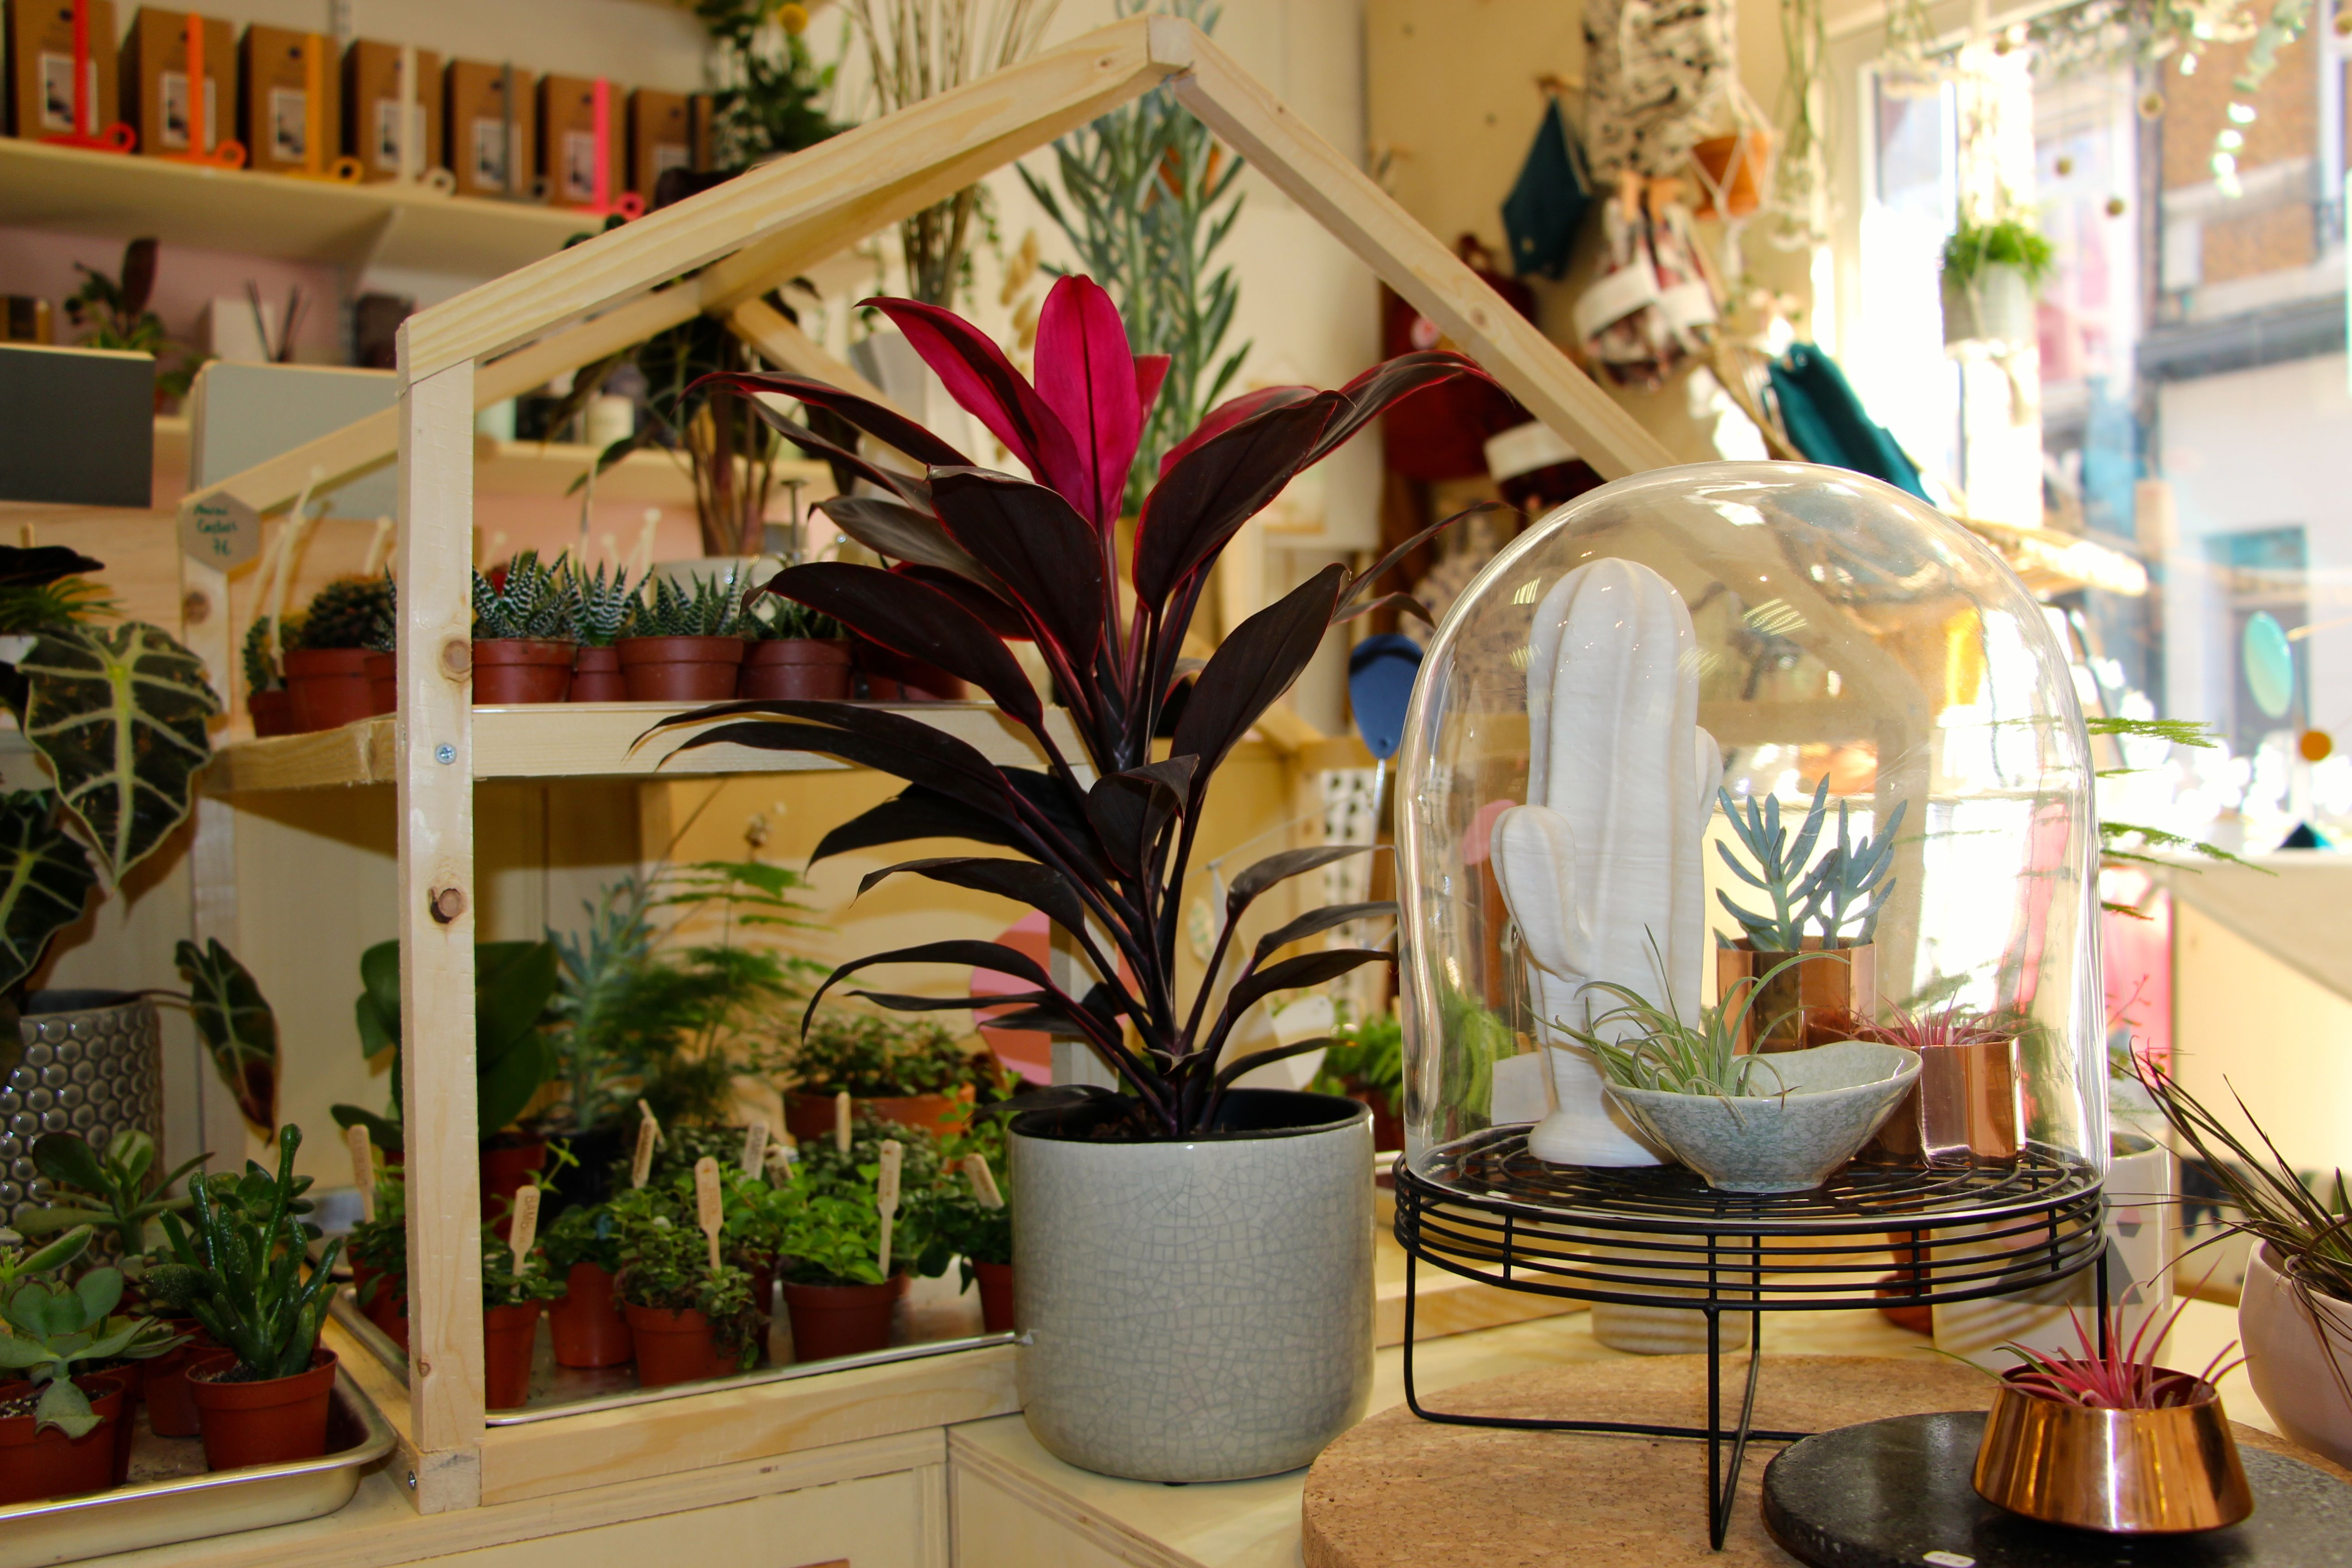 Magasin Deco Lille : plantes atelier kumo design shop magasin objet deco lille chicon choc blog lille chicon choc ~ Nature-et-papiers.com Idées de Décoration